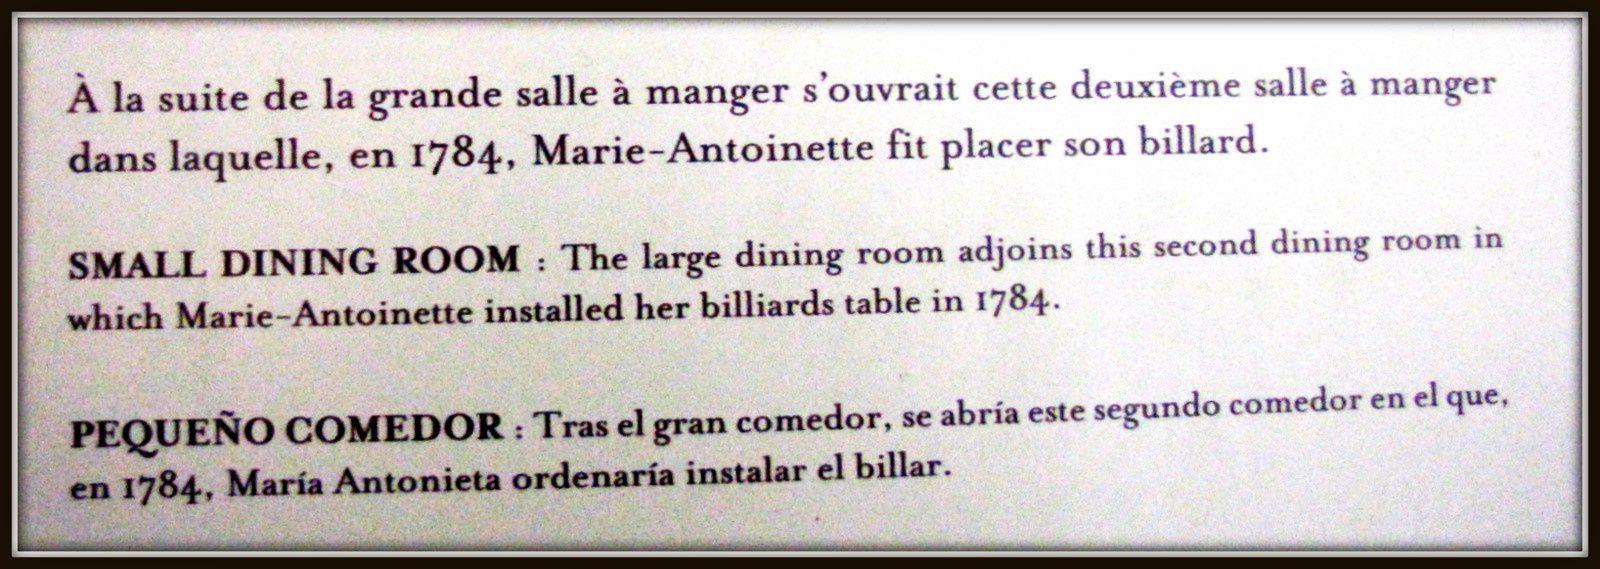 Cheminées du Petit Trianon, Versailles